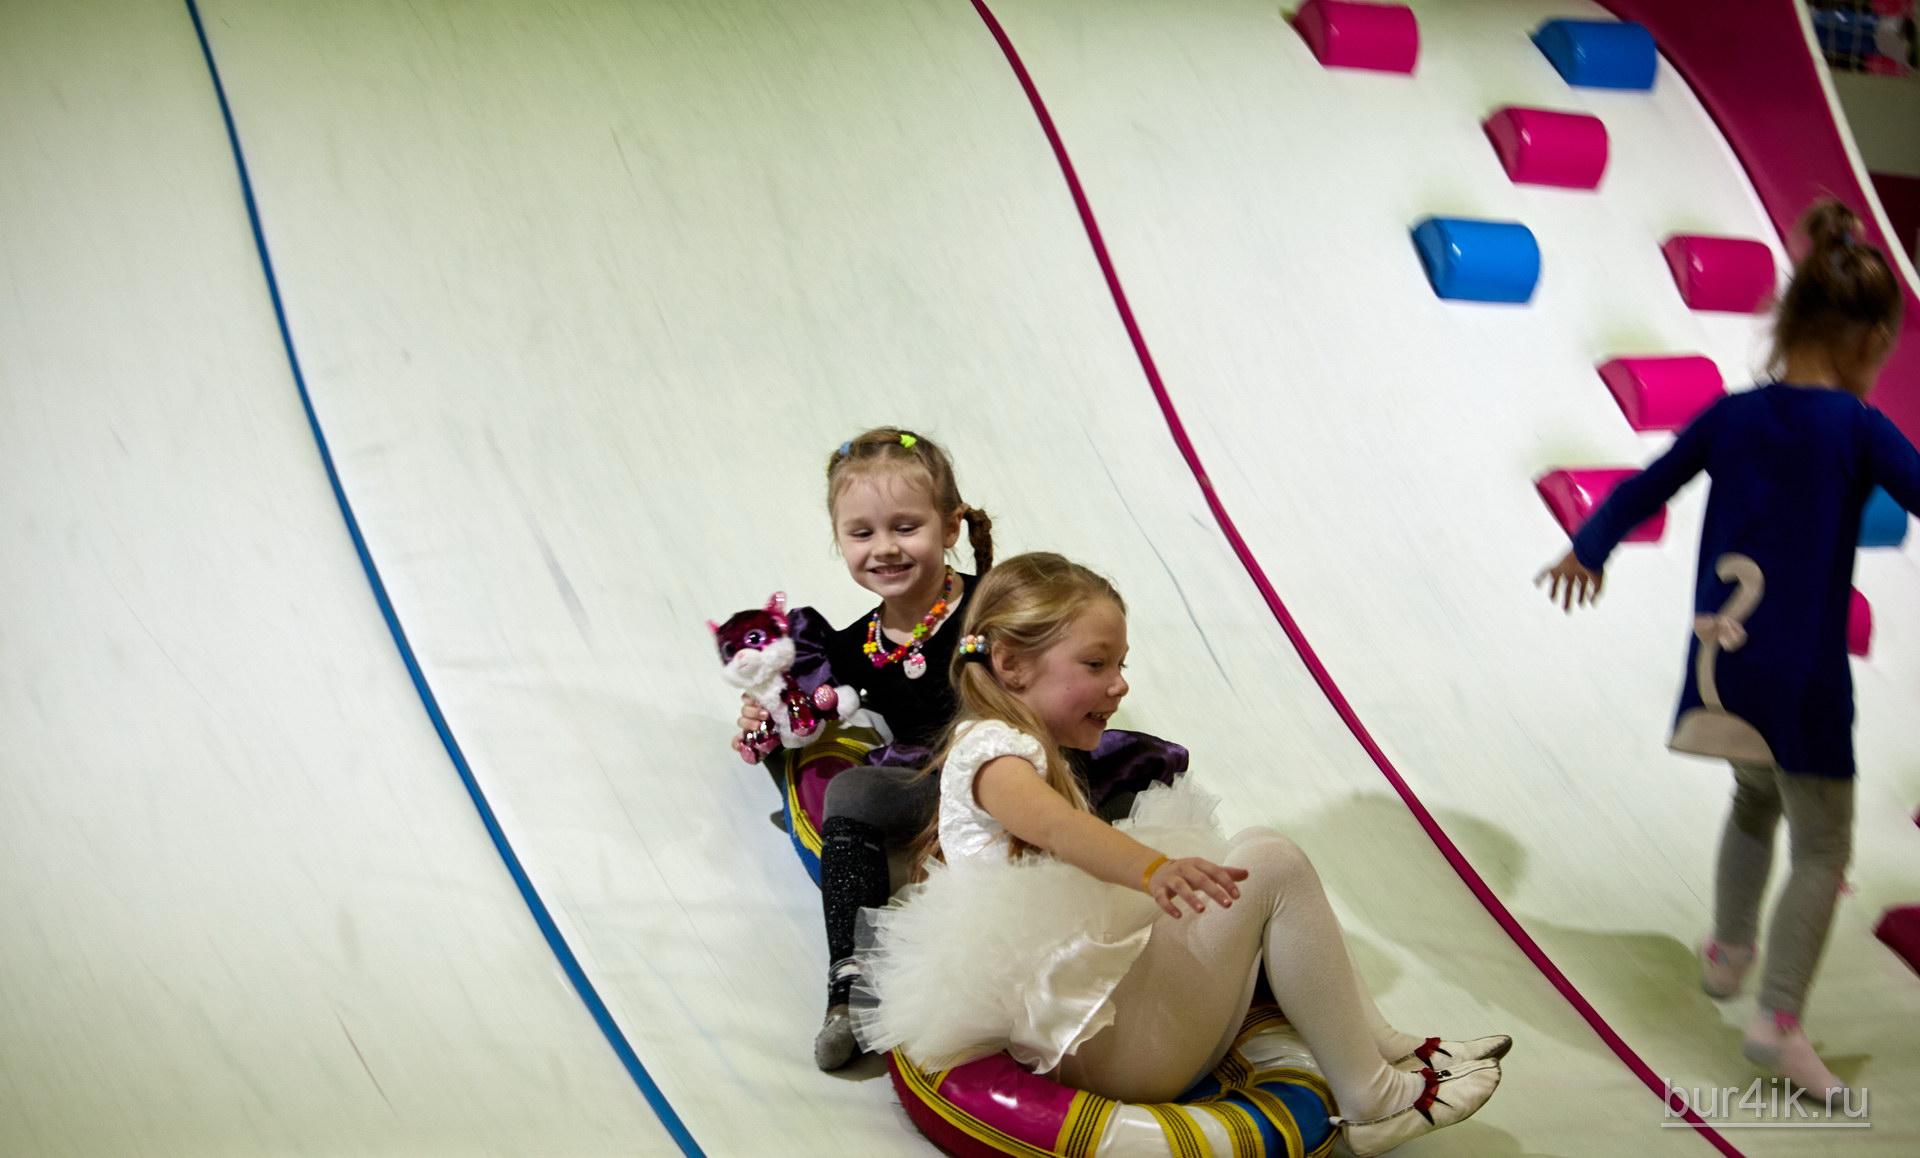 Фото Детское День Рождения в Детский Дворик 15.01.2020 №294 -photo- bur4ik.ru